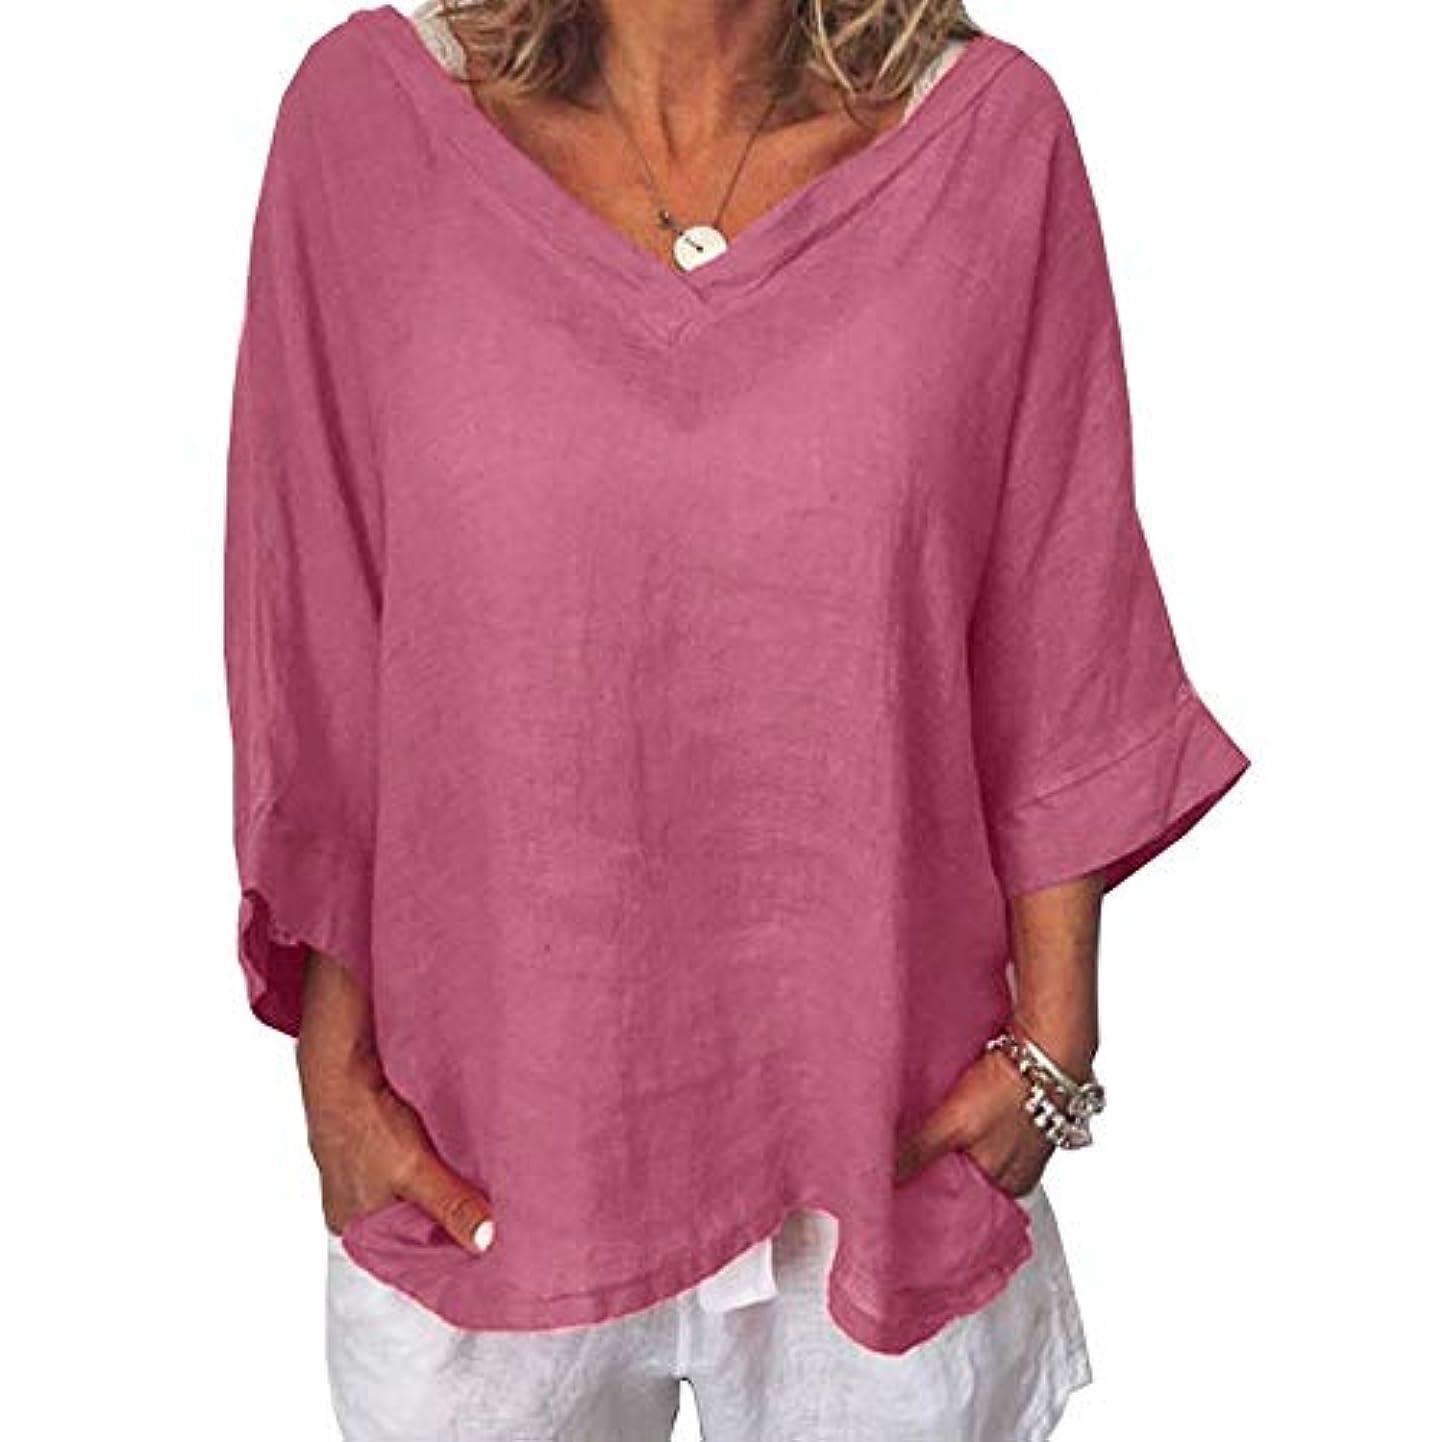 旅安価な君主MIFAN女性ファッションカジュアルVネックトップス無地長袖Tシャツルーズボヘミアンビーチウェア